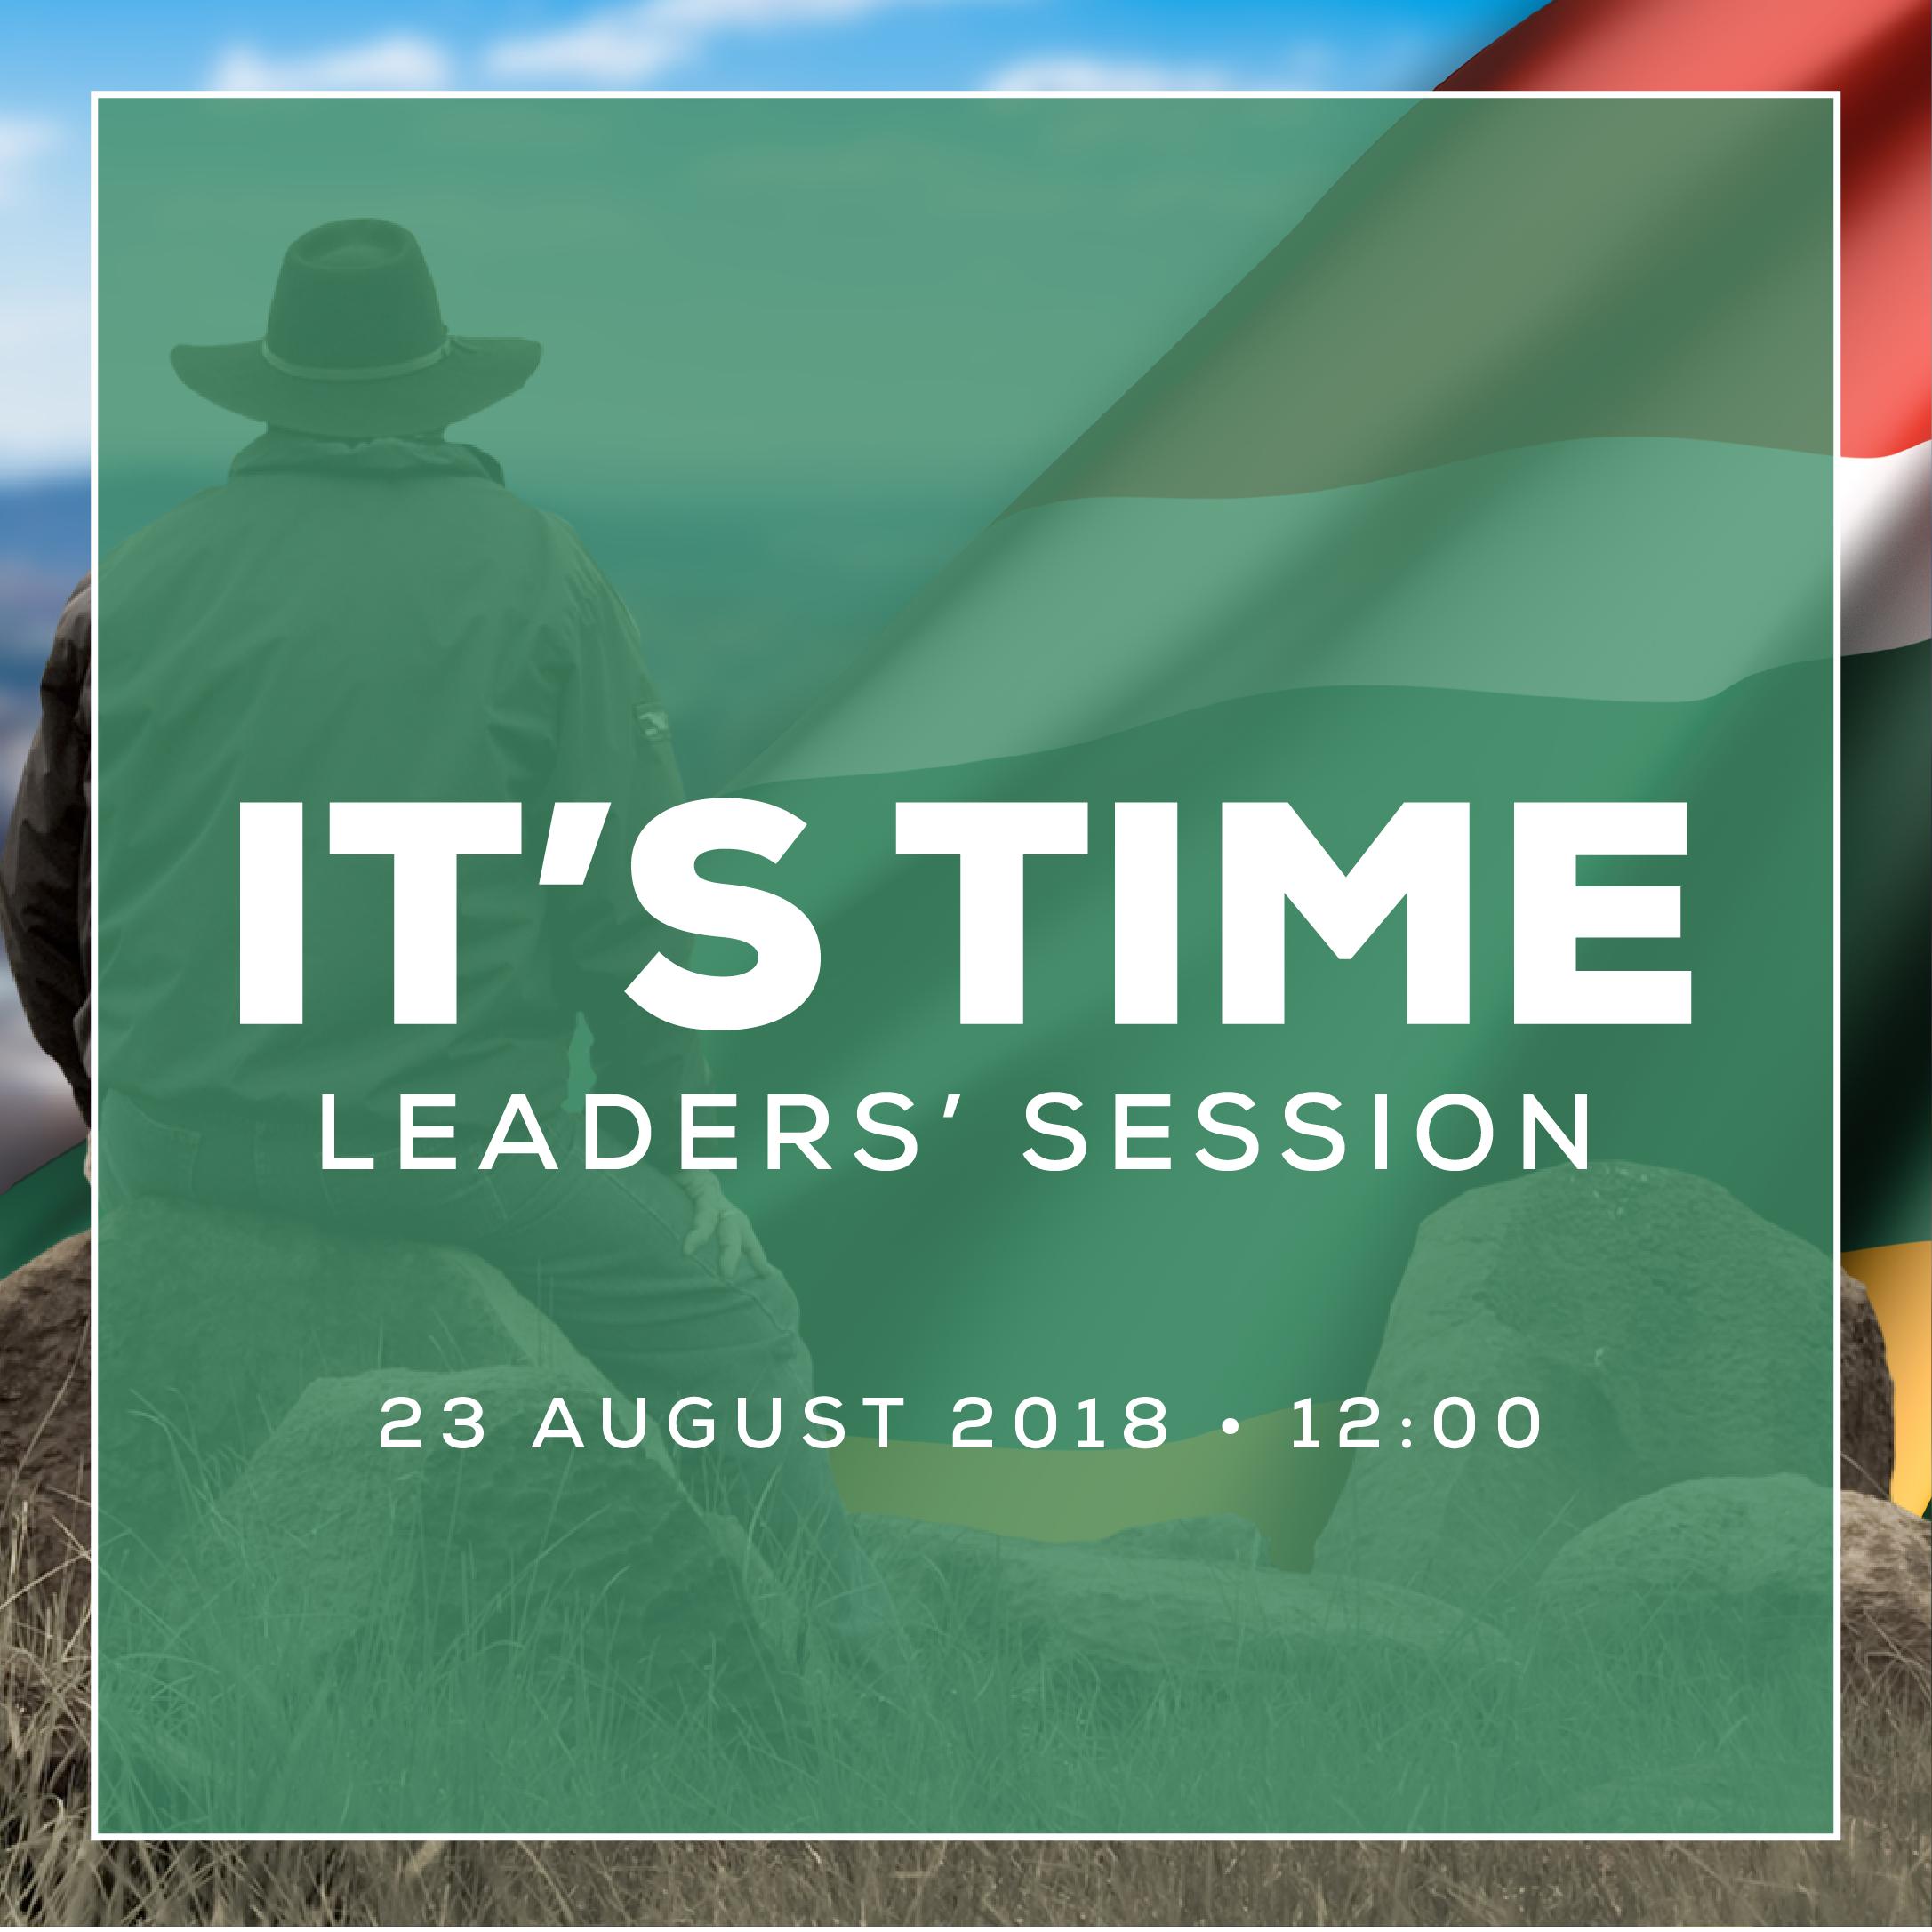 LEADERS' SESSION - 23 AUGUST 2018 • 12:00Moreleta Park, Moreletapark CongregationMini Auditorium (Admin Building), Pretoria.Registration closes 22 August 2018.